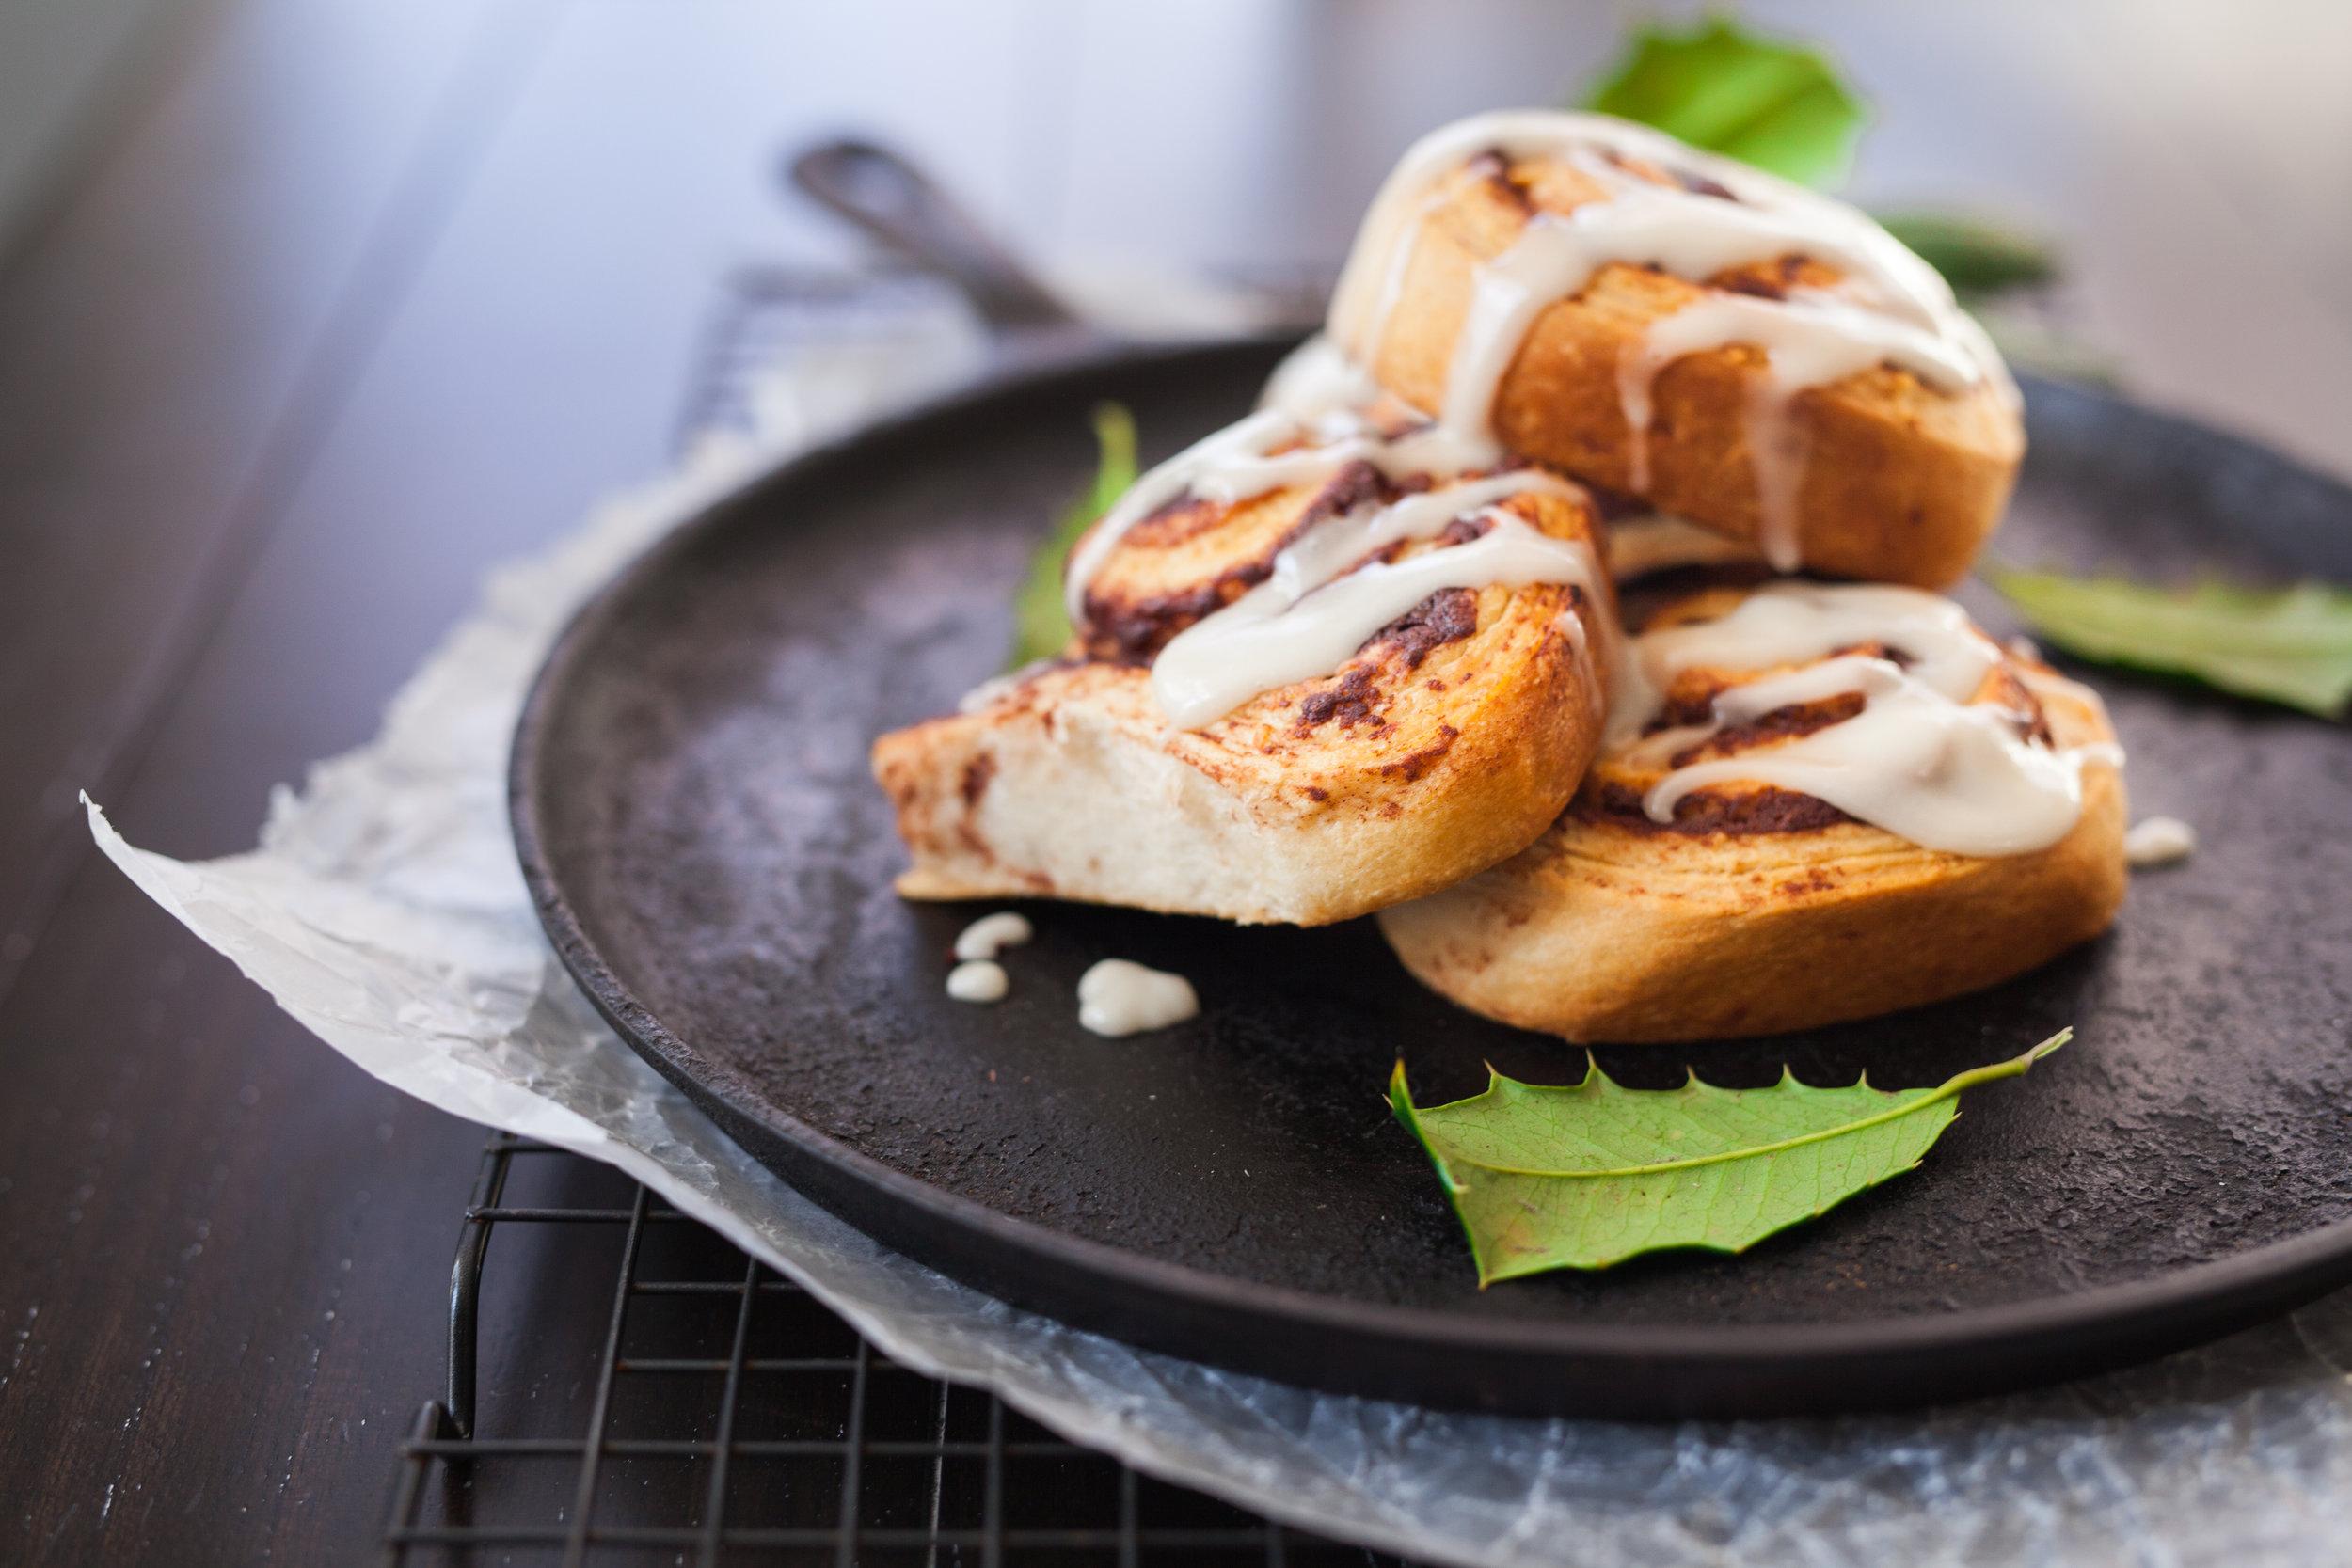 - pastry platter